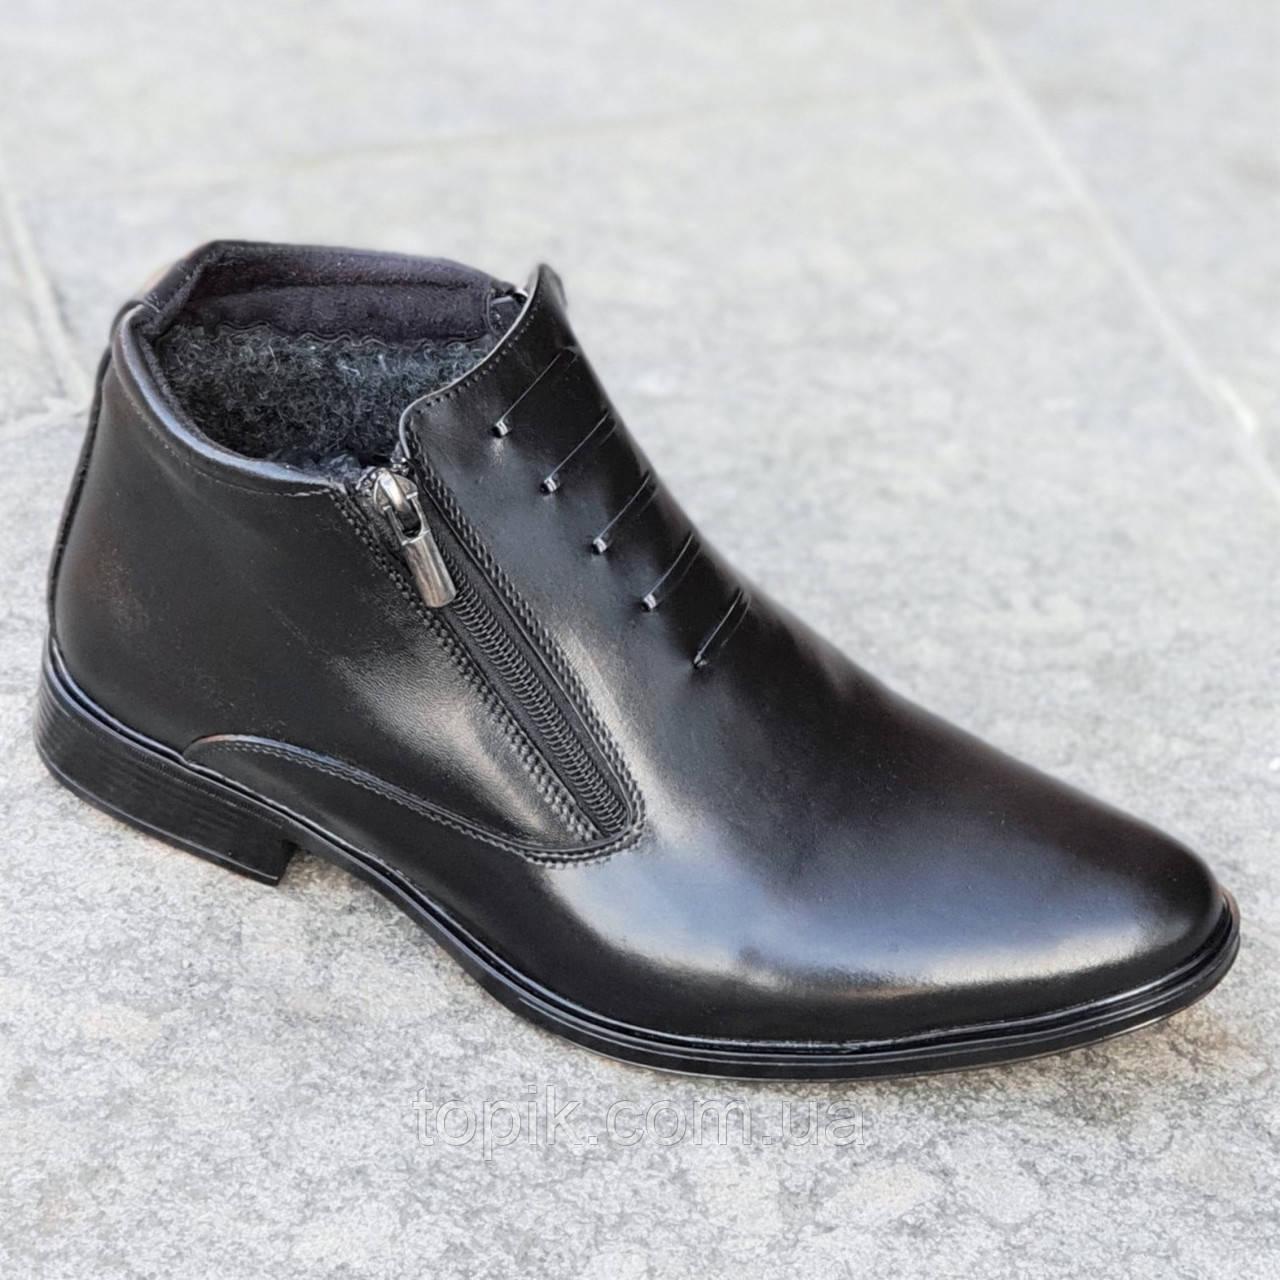 6805d9f3f723 Мужские зимние классические мужские ботинки, полусапожки на молнии кожаные  черные с острым носком (Код  1295)